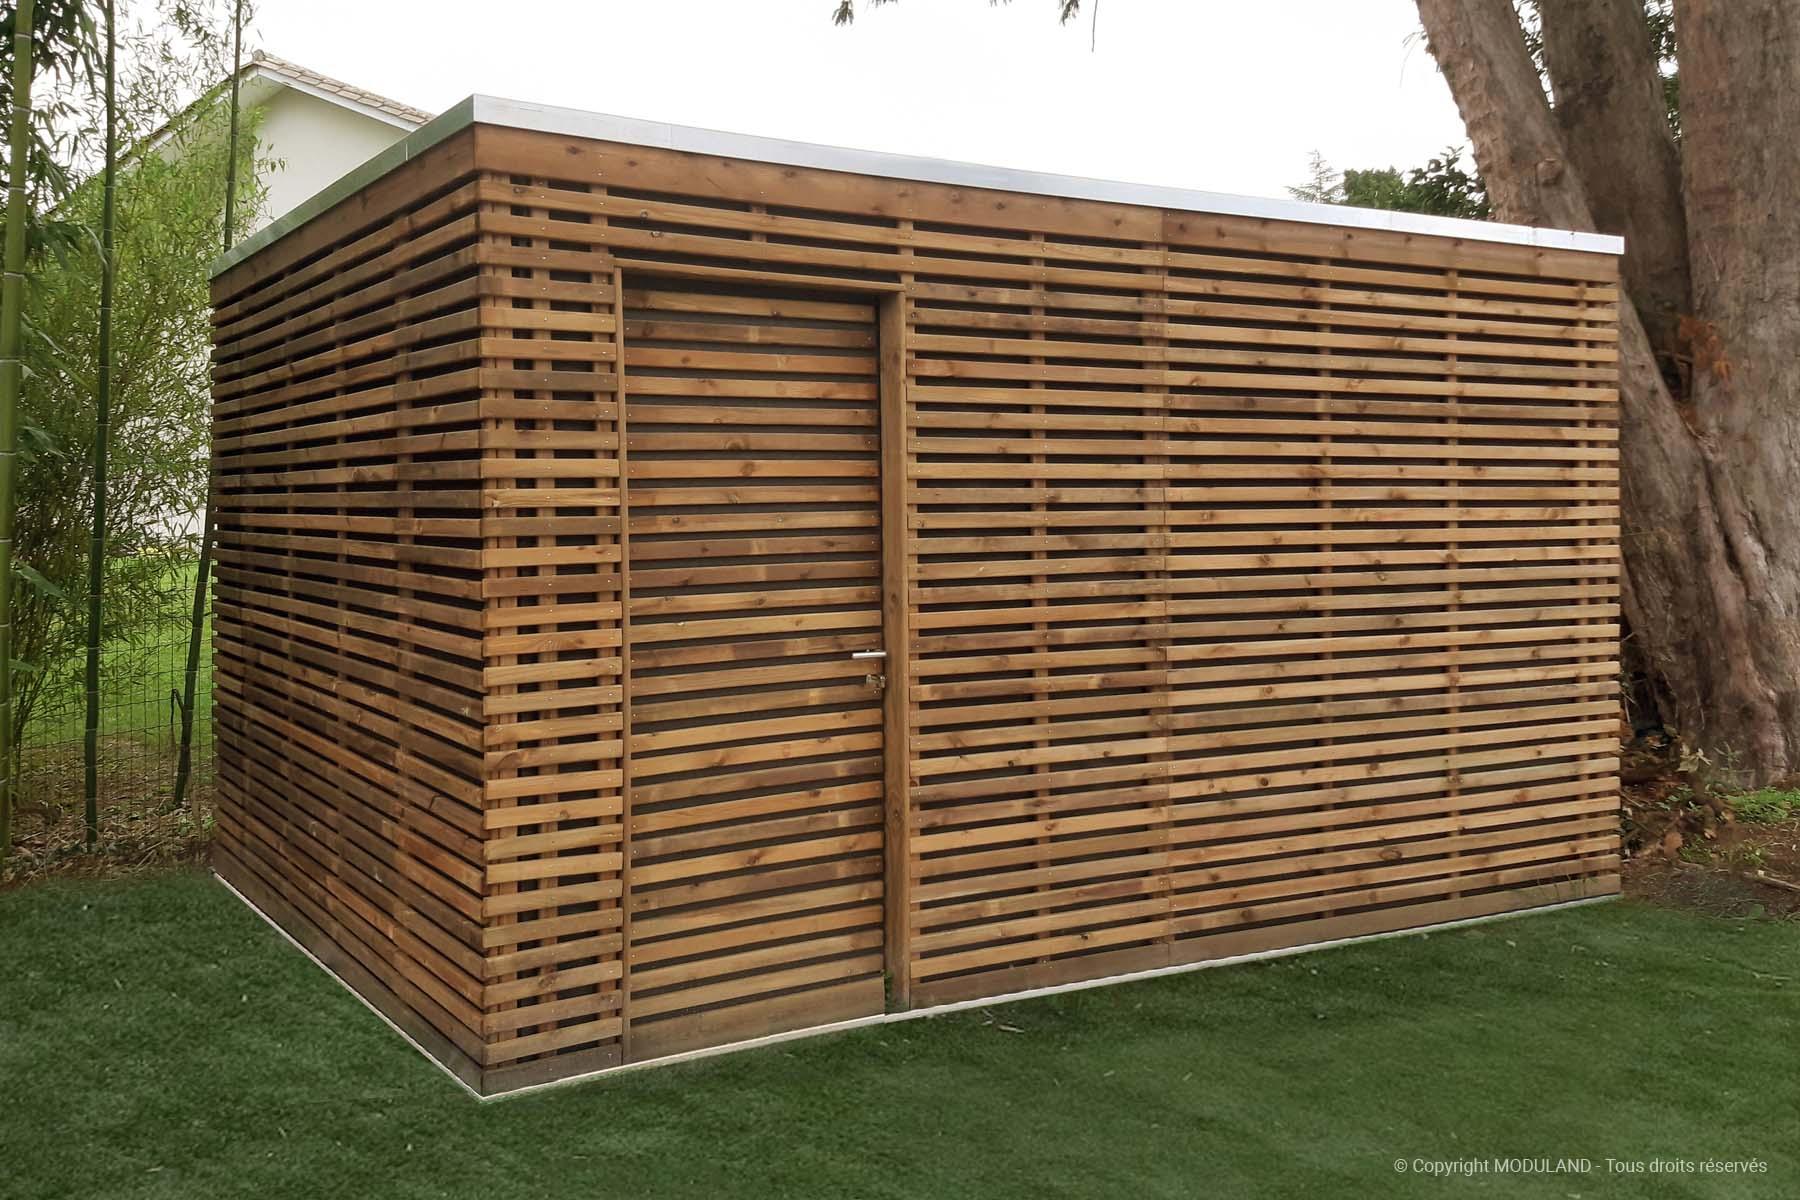 Fabricant D'abris Et Structures Bois Sur Mesure | Moduland à Abri De Jardin Moderne